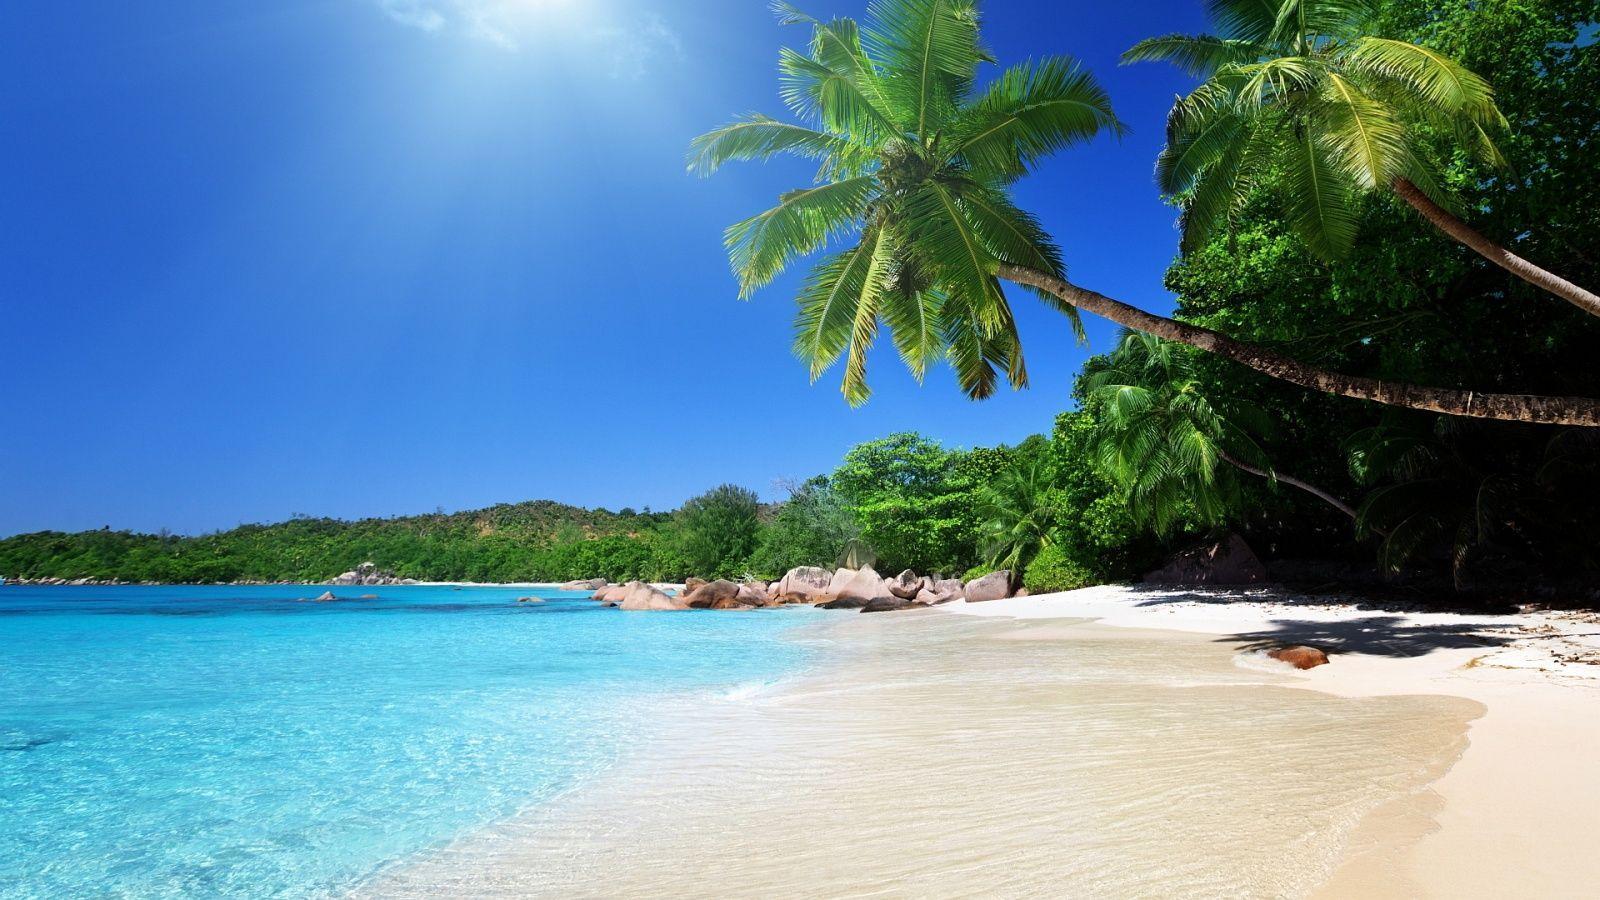 Caribbean Desktop Wallpapers Top Free Caribbean Desktop